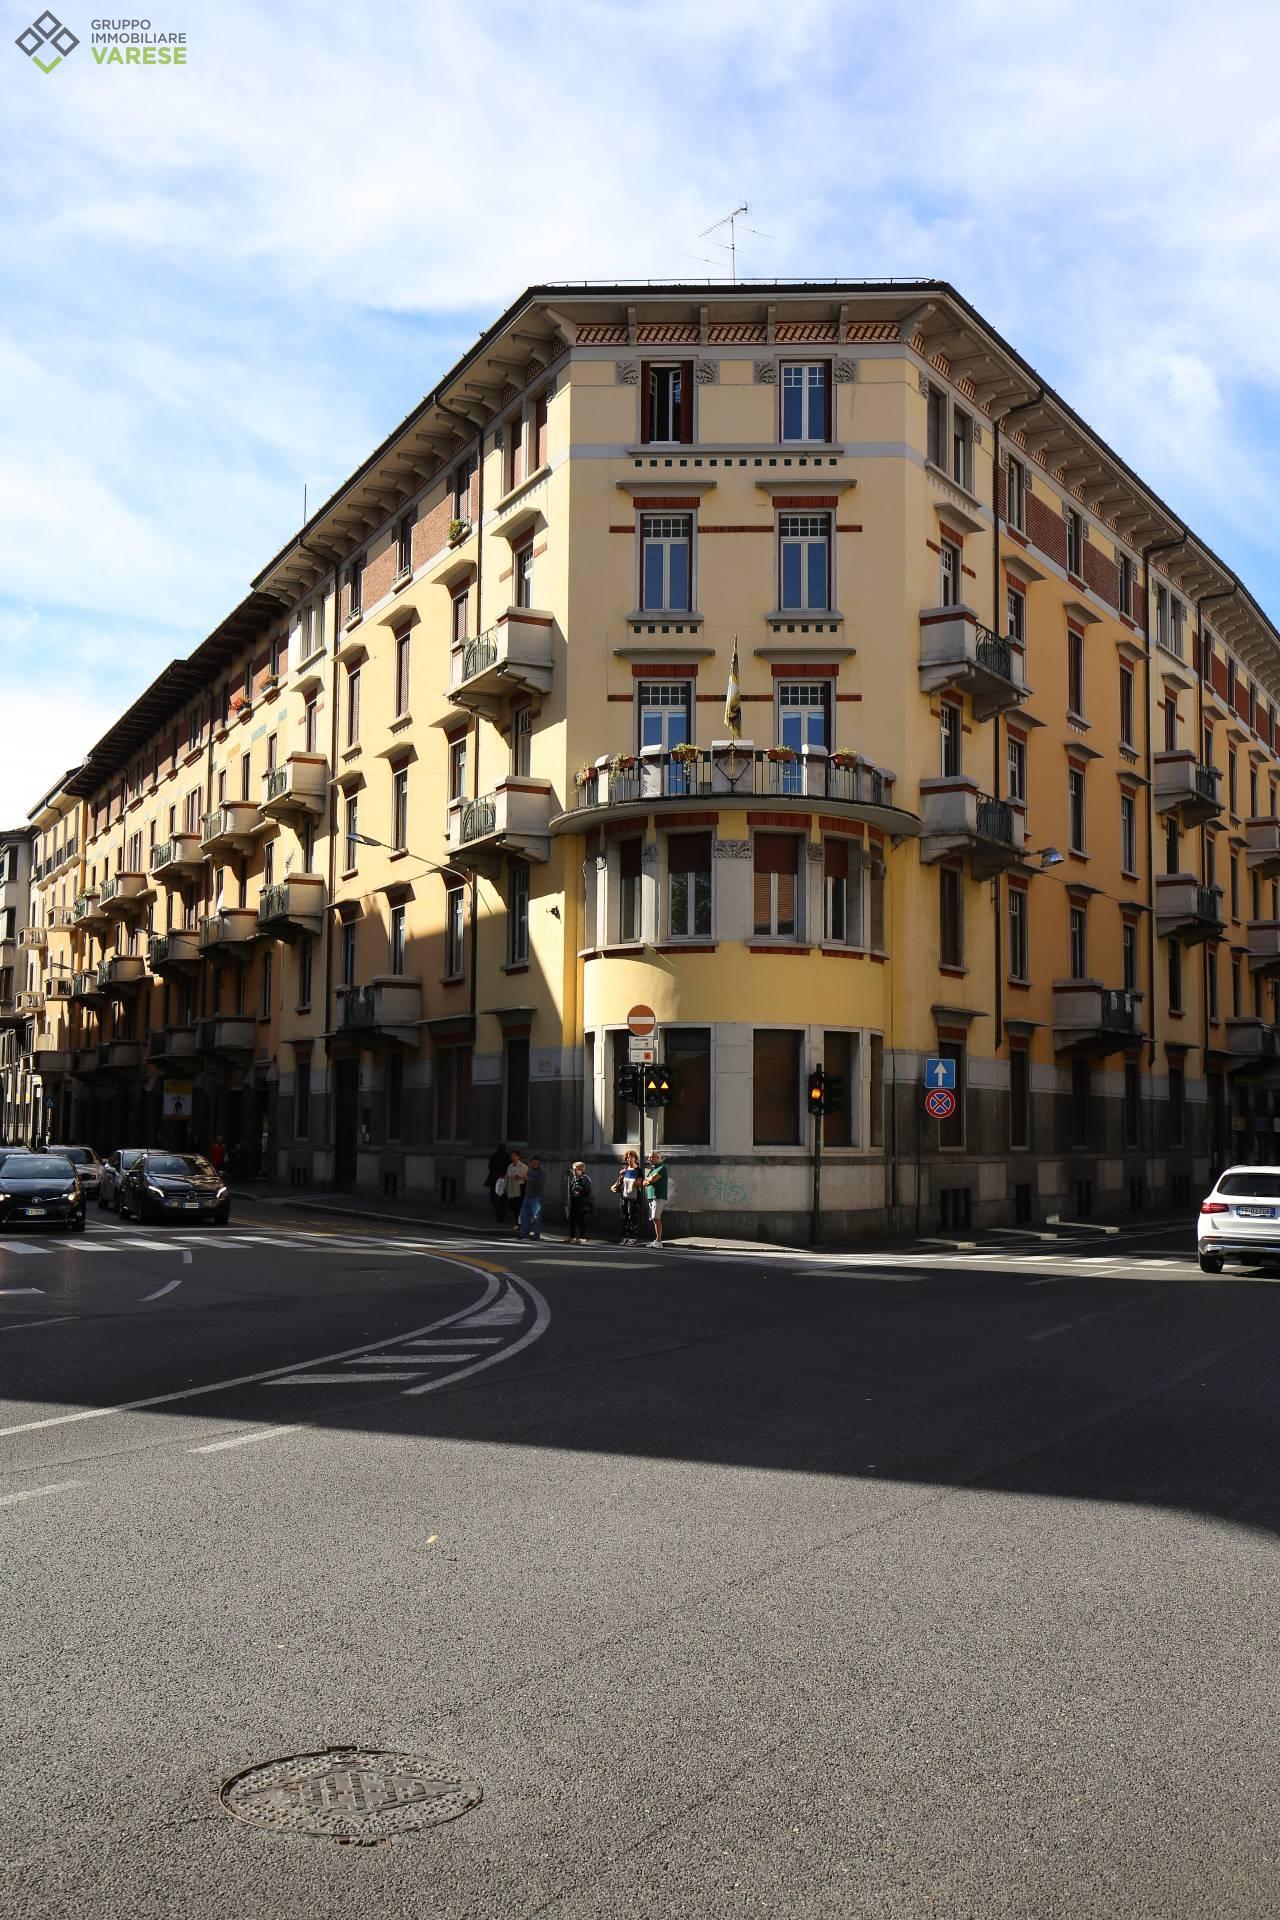 Attico / Mansarda in vendita a Varese, 3 locali, zona Zona: Centro, prezzo € 405.000 | CambioCasa.it